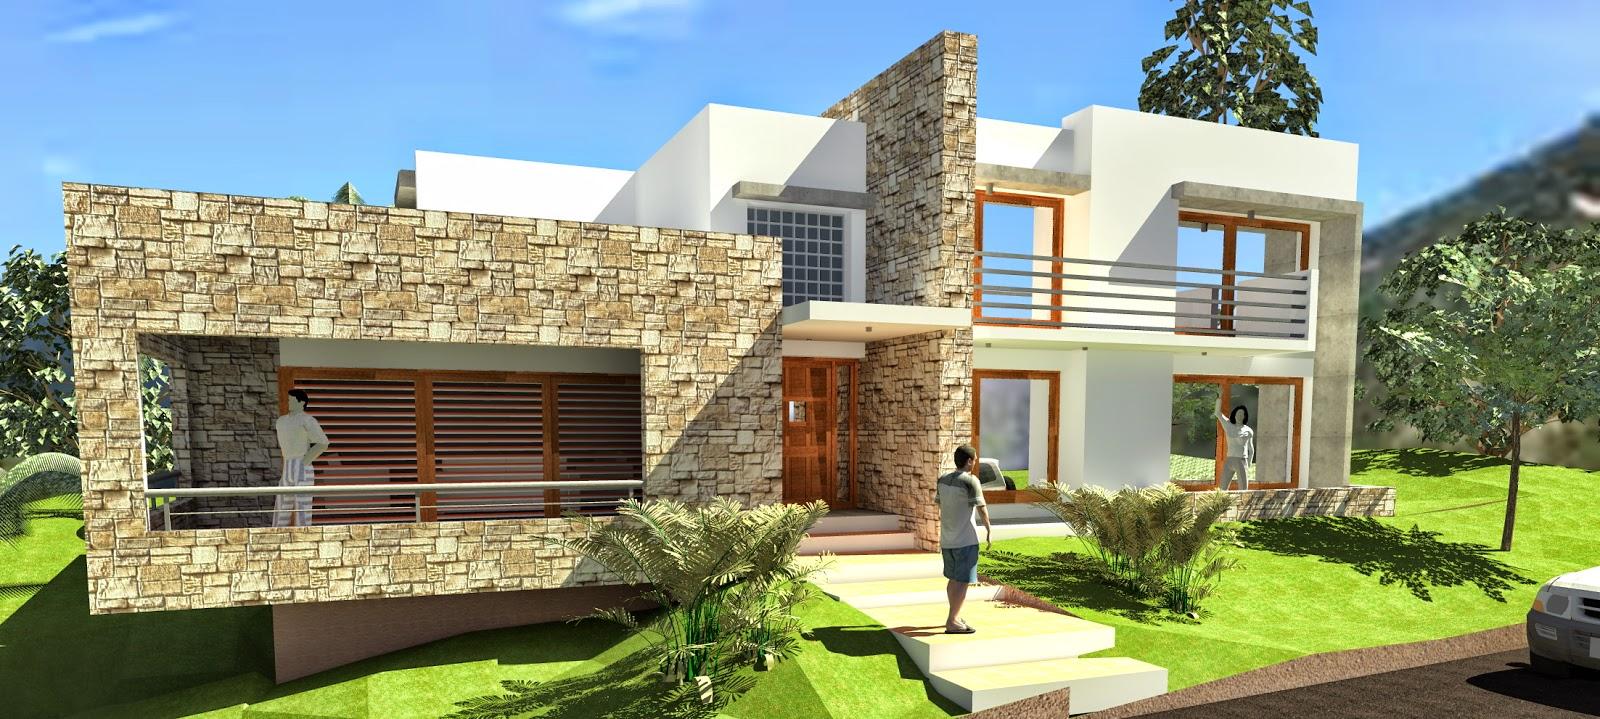 Casa en barrio jardin - Terreno con casa ...